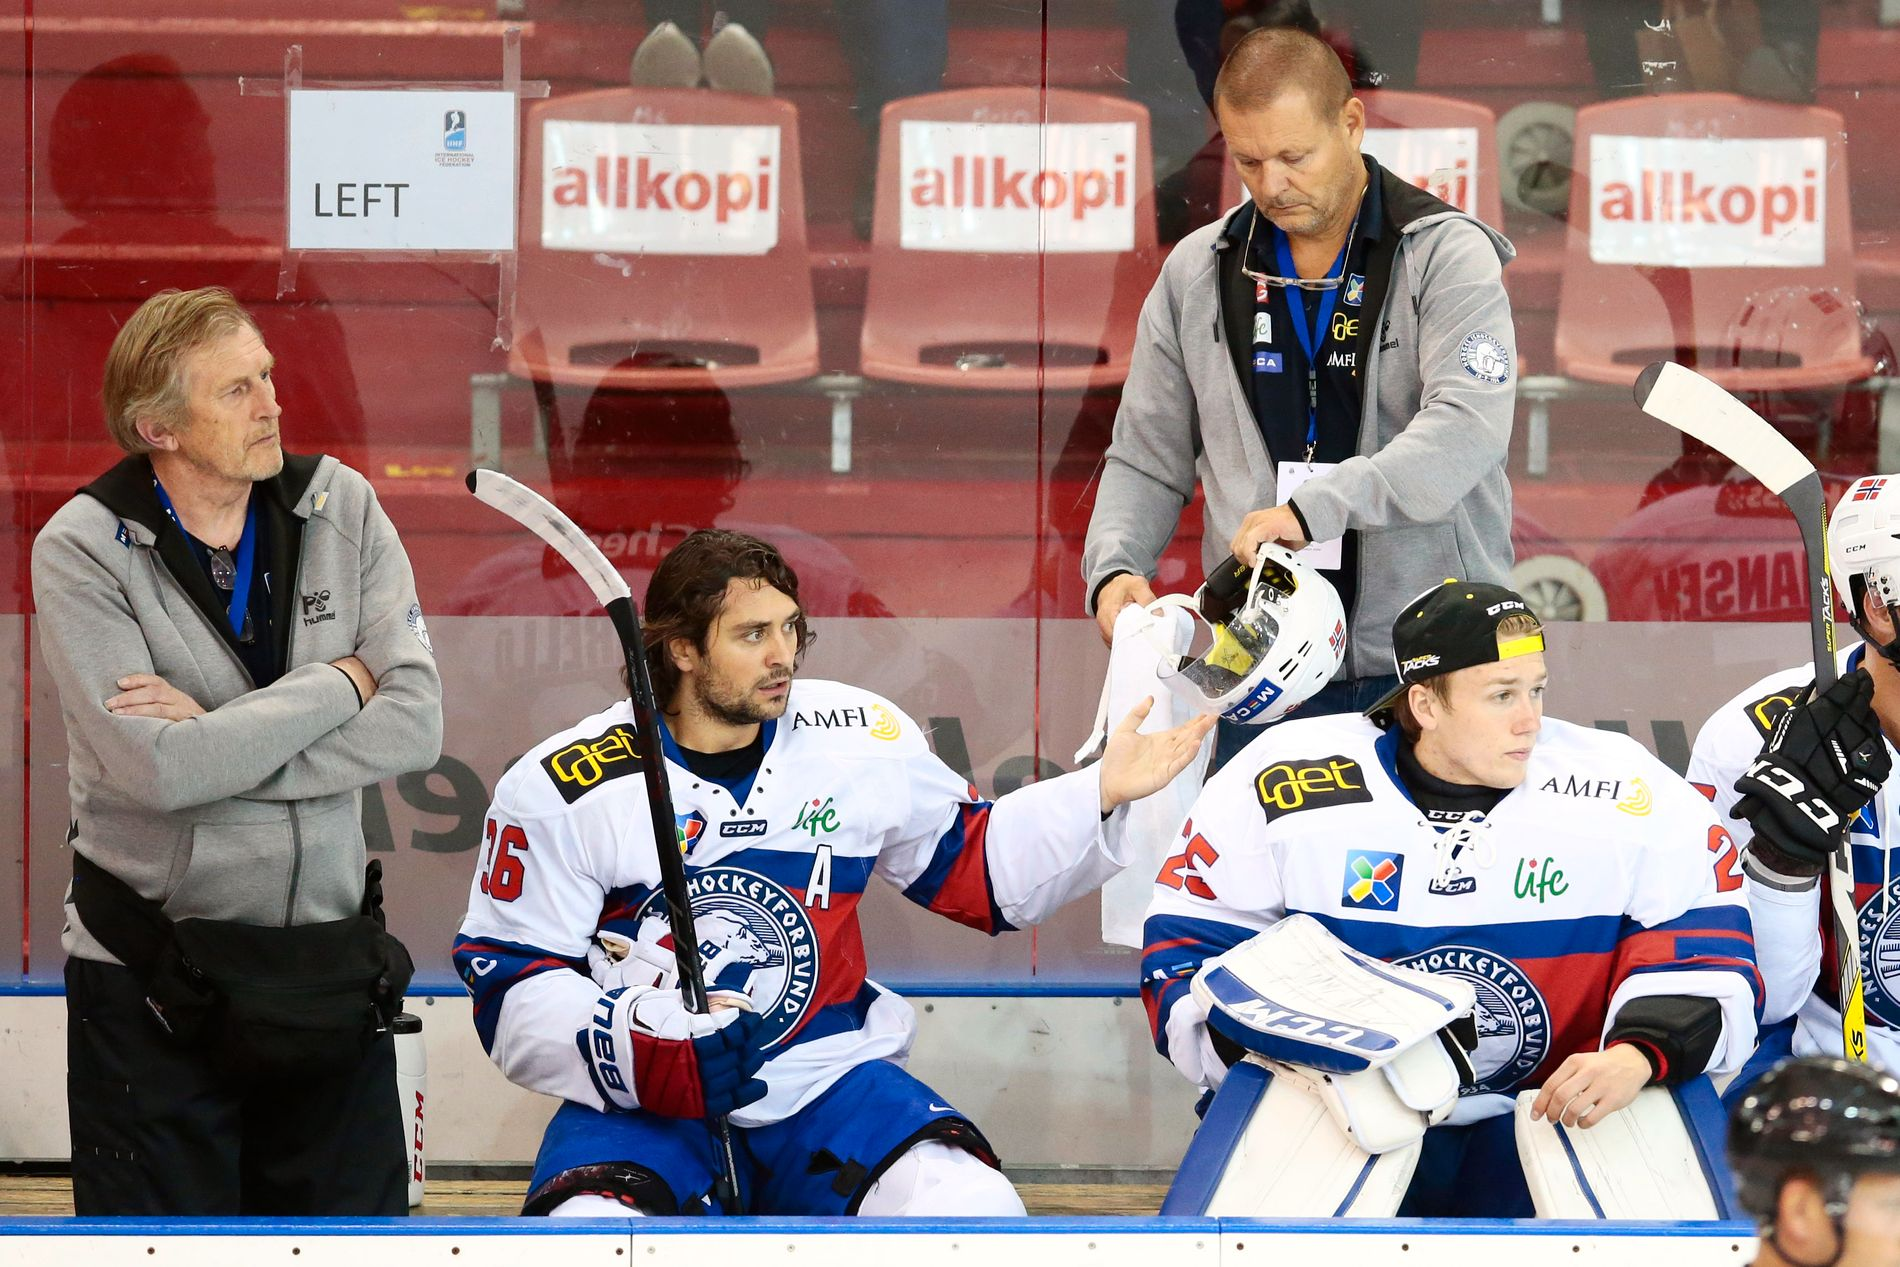 Det ble ingen god bursdagsfeiring for Mats Zuccarello. Norge tap mot Kasakhstan gjør at OL-deltakelse i 2018 allerede henger i tynn tråd.